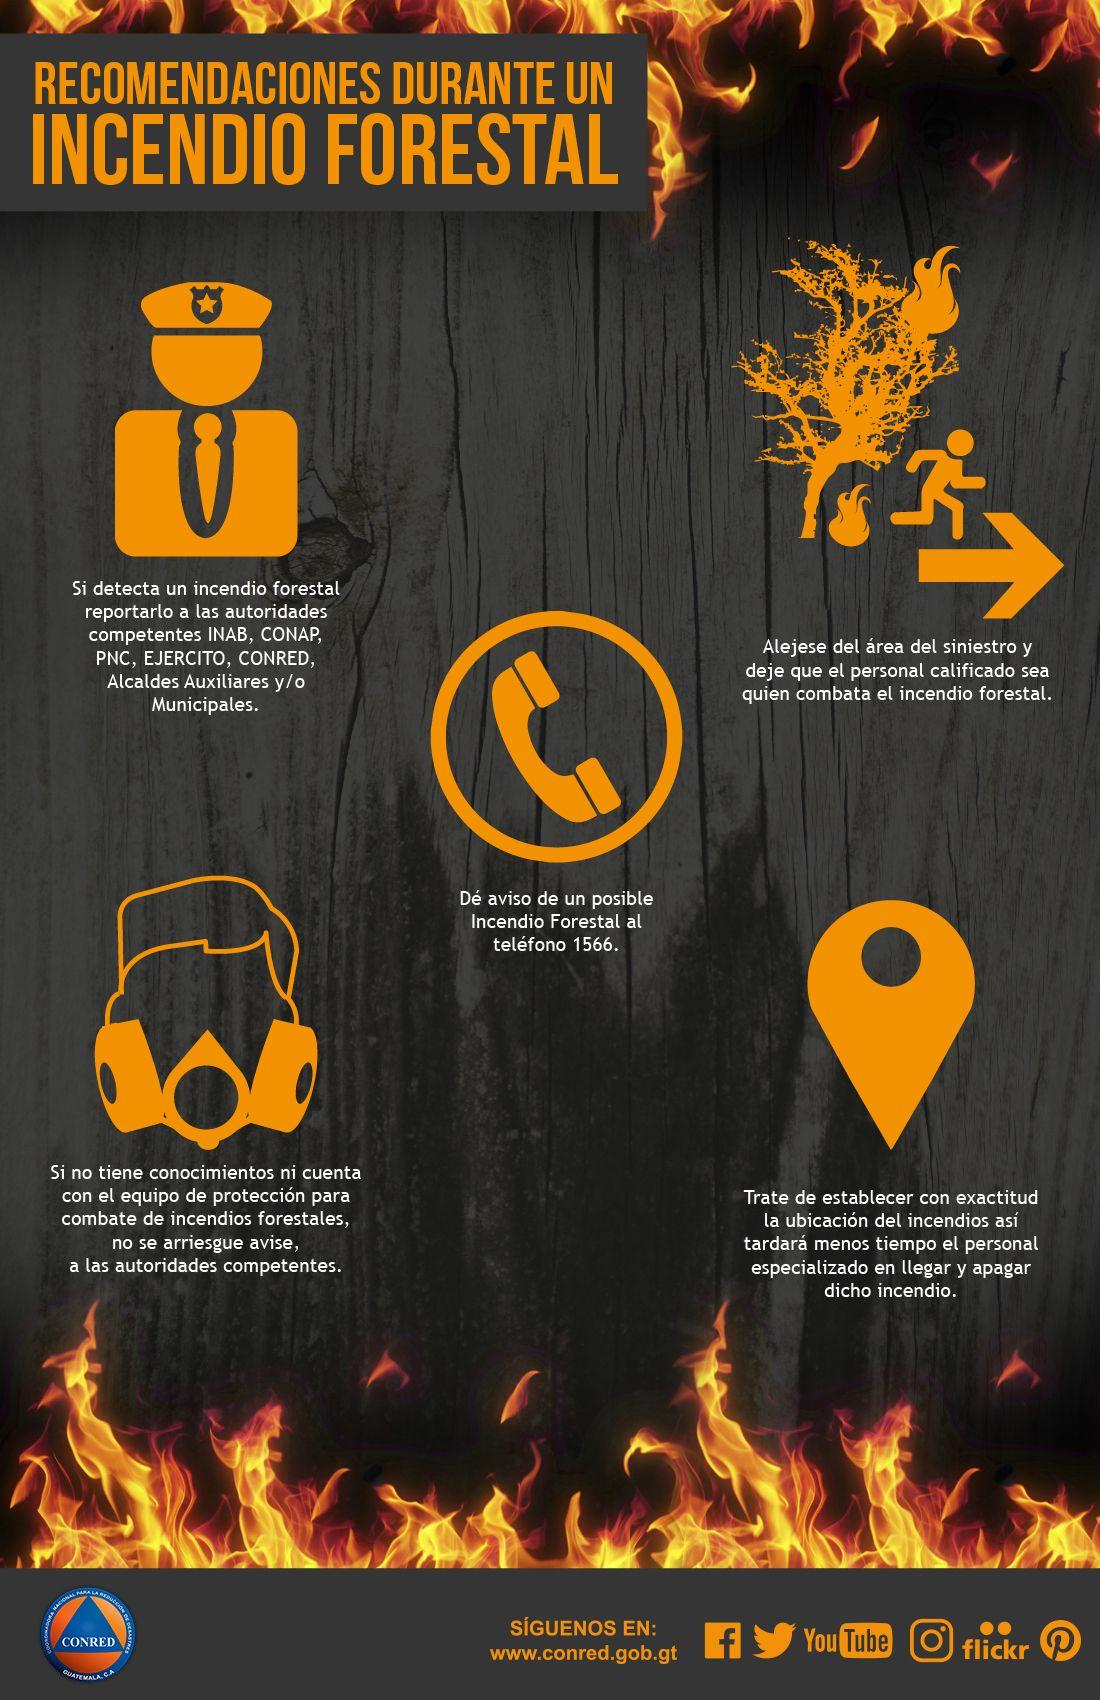 Recomendaciones Durante Un Incendio Forestal General